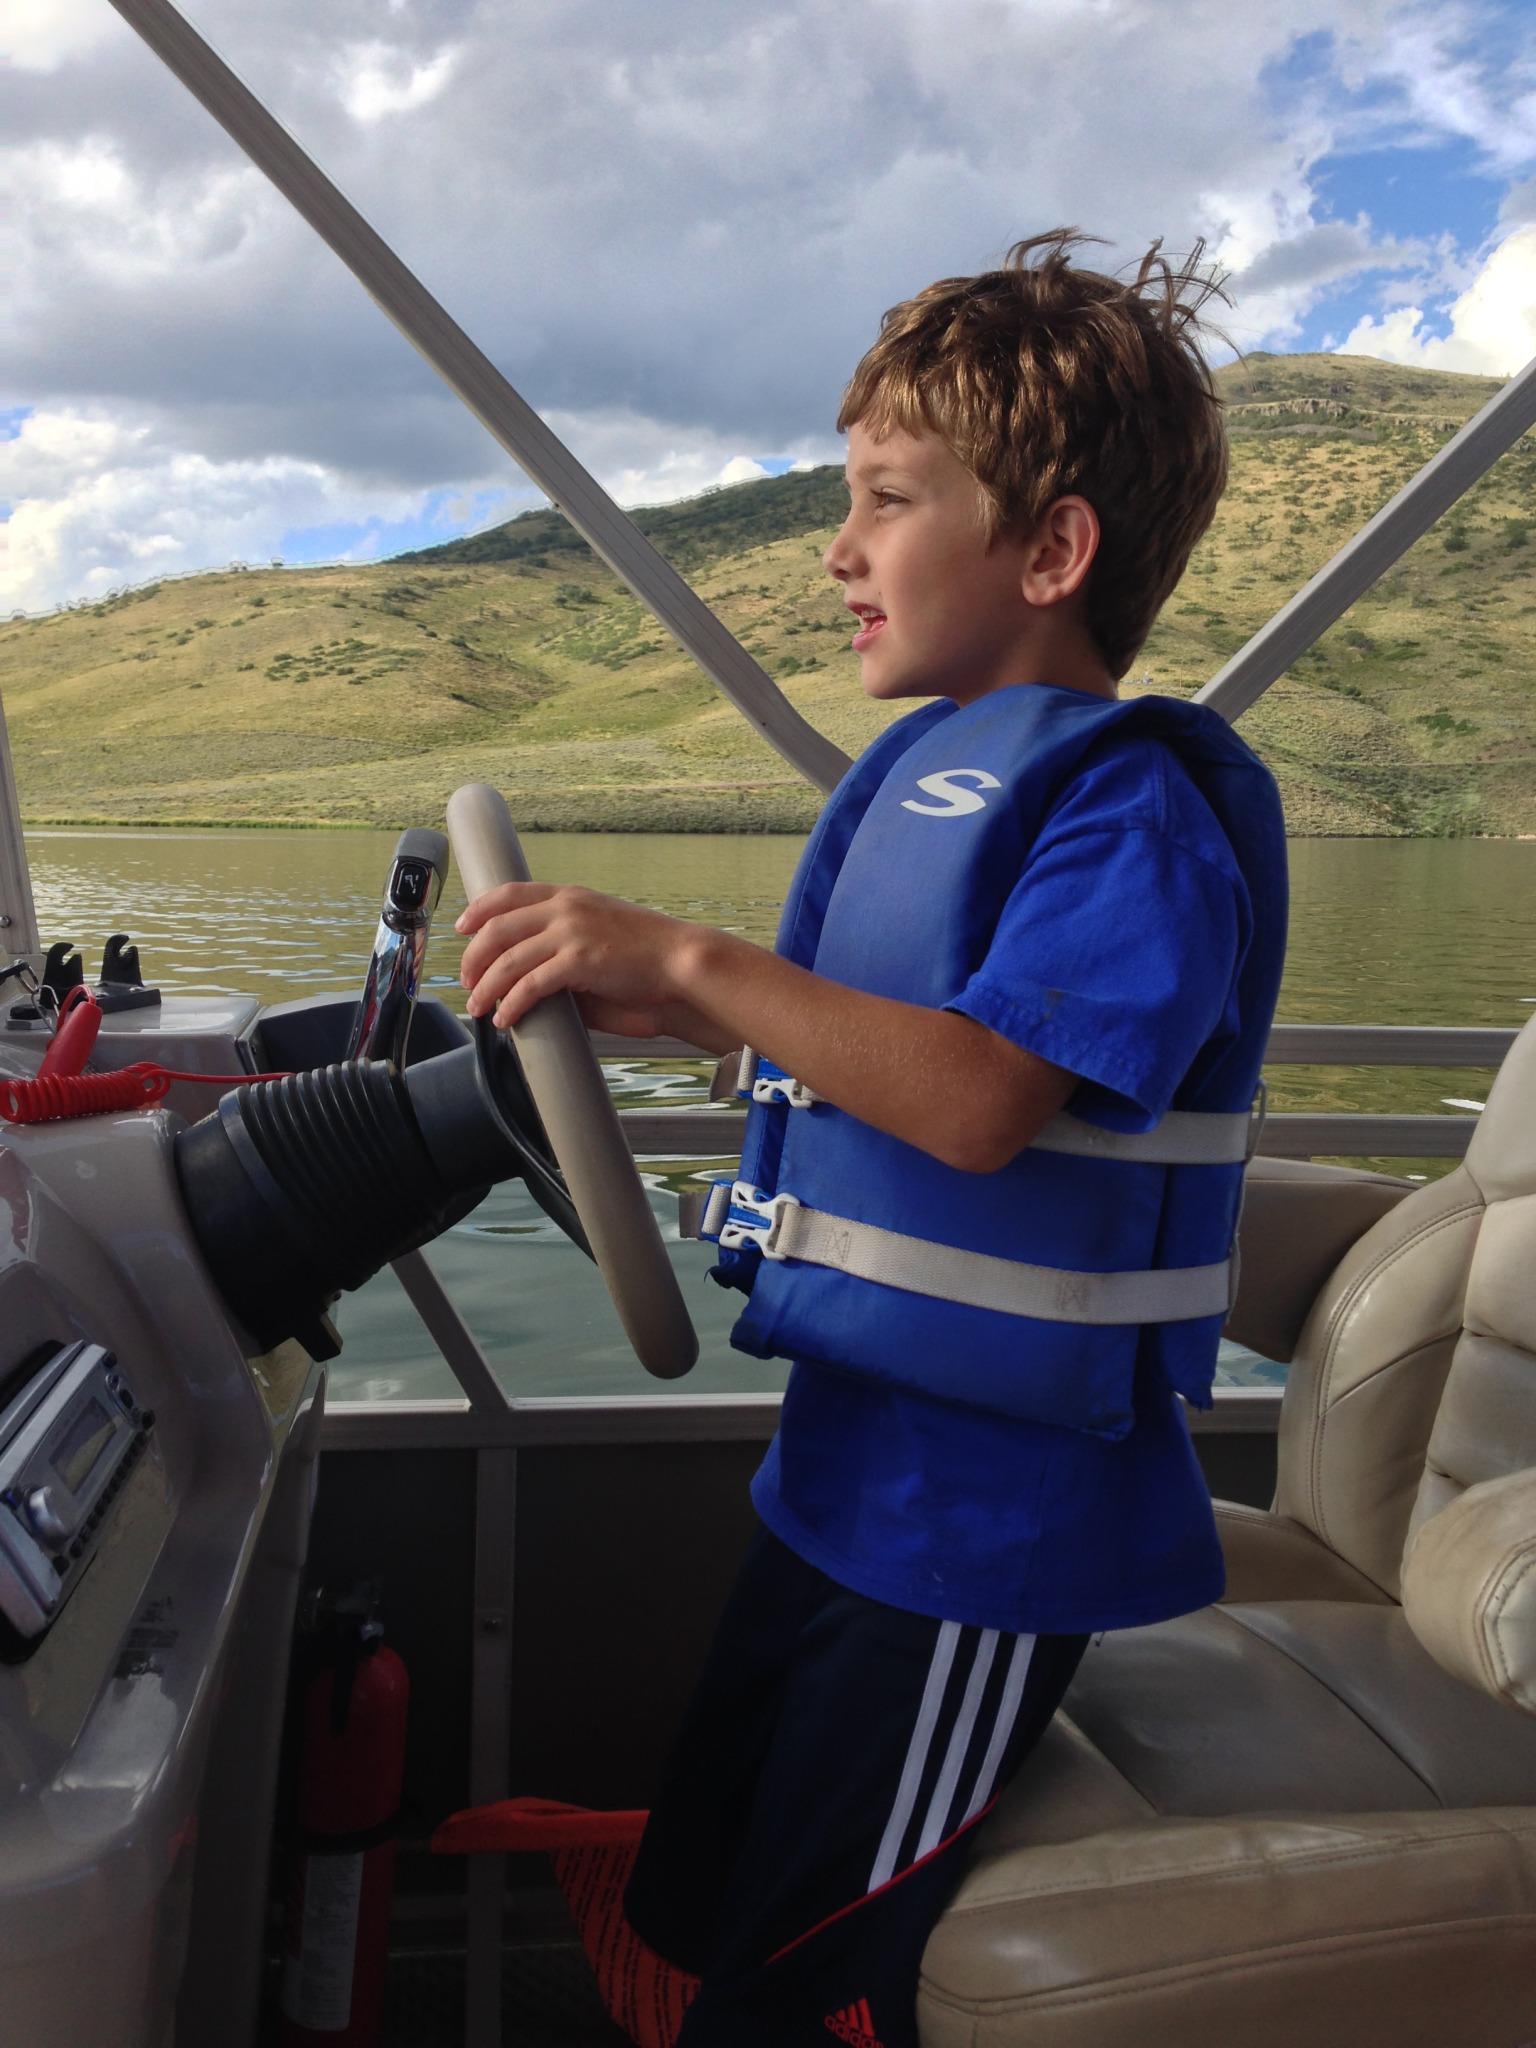 Our future Captain